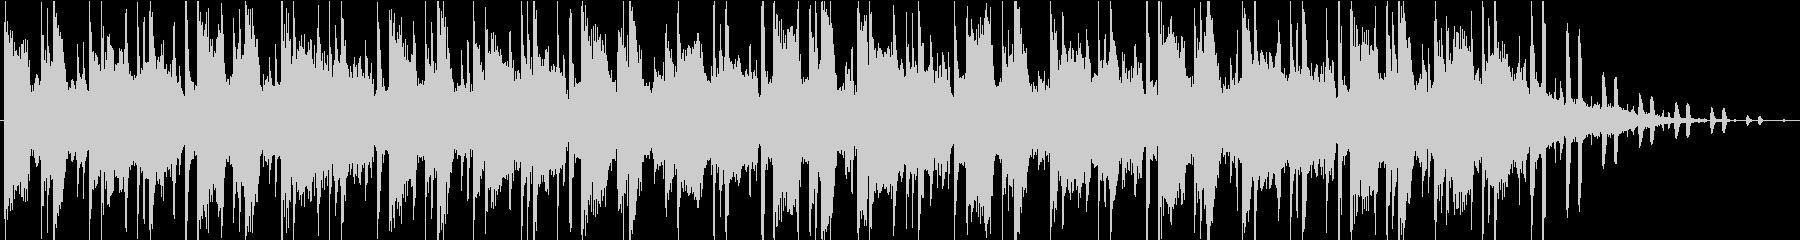 シーケンス 未定ベース03の未再生の波形